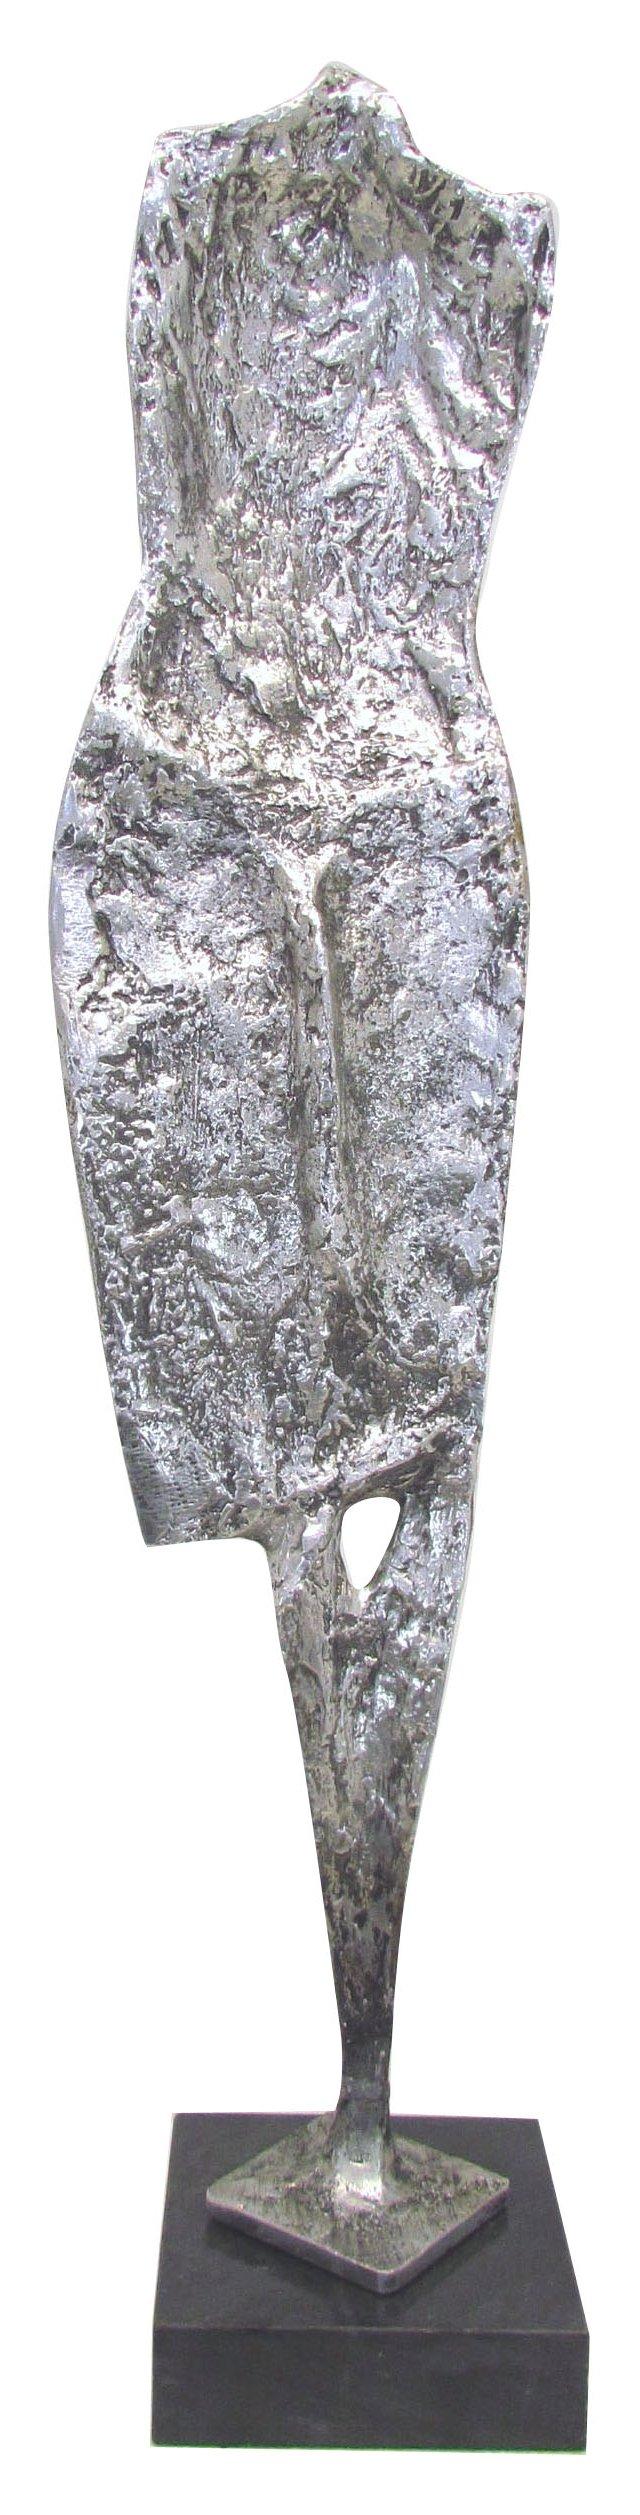 Sculpture of a Torso